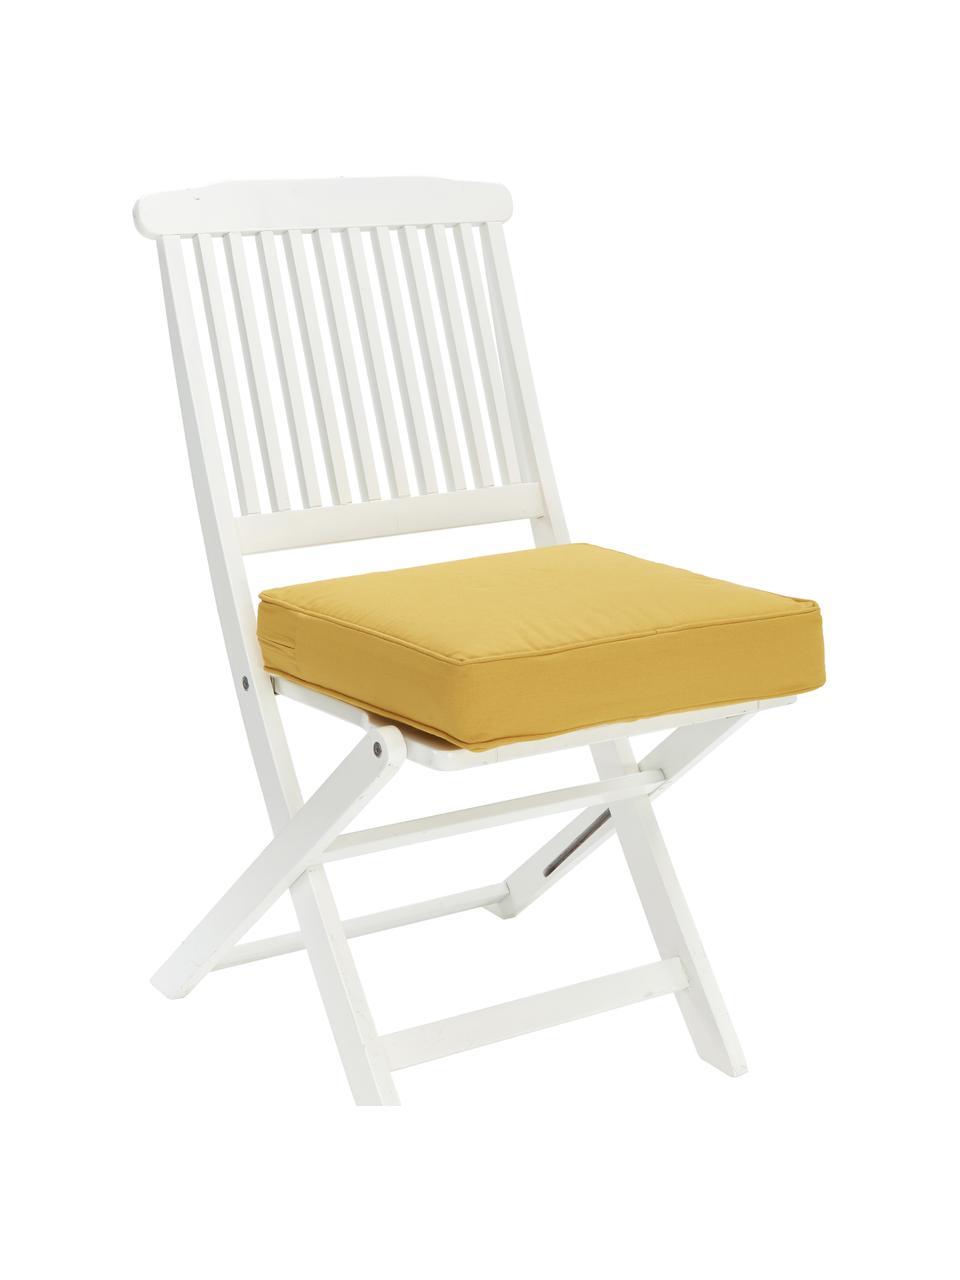 Cuscino sedia alto giallo Zoey, Rivestimento: 100% cotone, Giallo, Larg. 40 x Lung. 40 cm